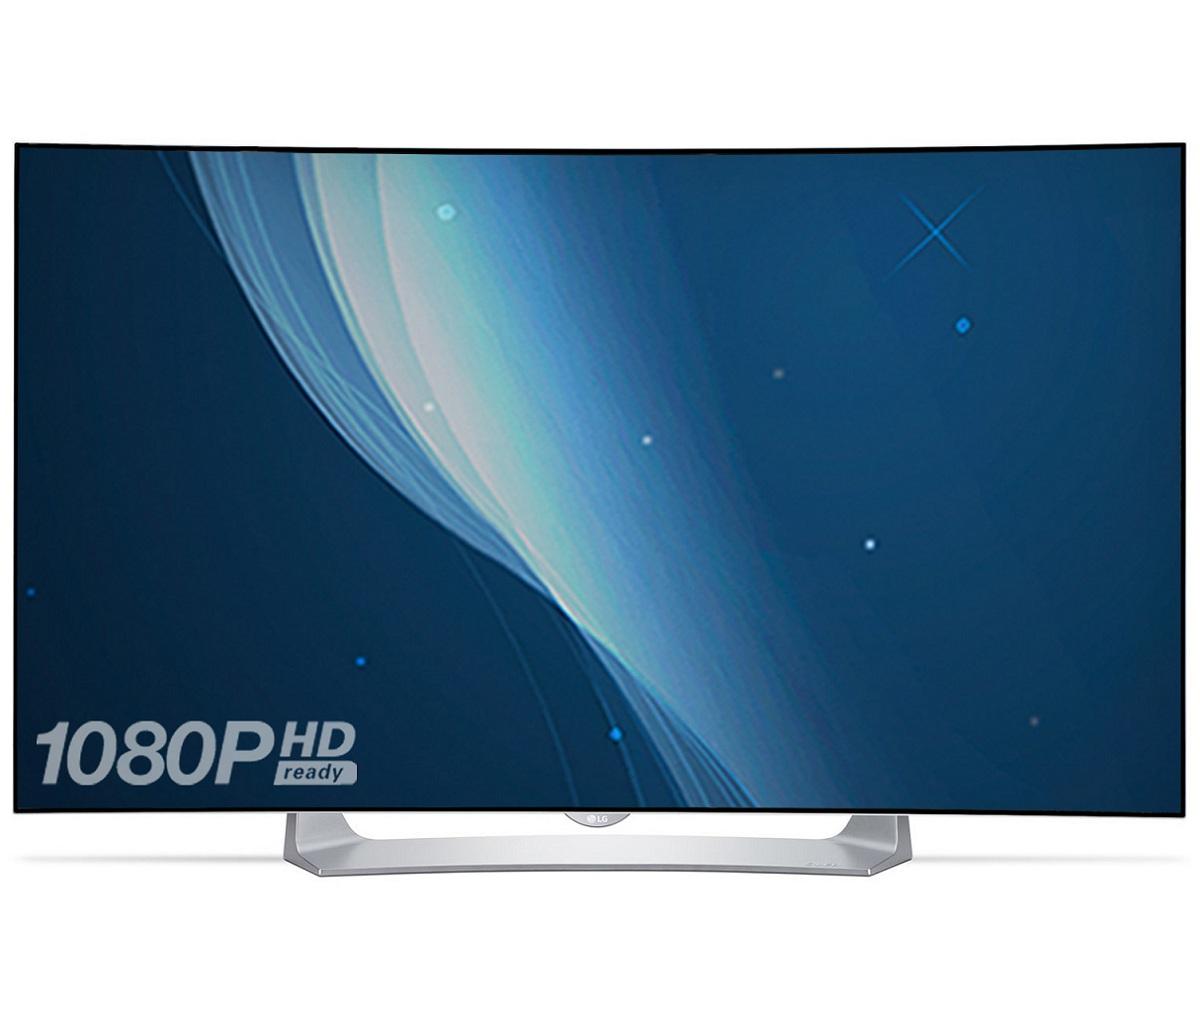 lg 55eg910v 55 inch curved 3d smart full hd oled tv built. Black Bedroom Furniture Sets. Home Design Ideas